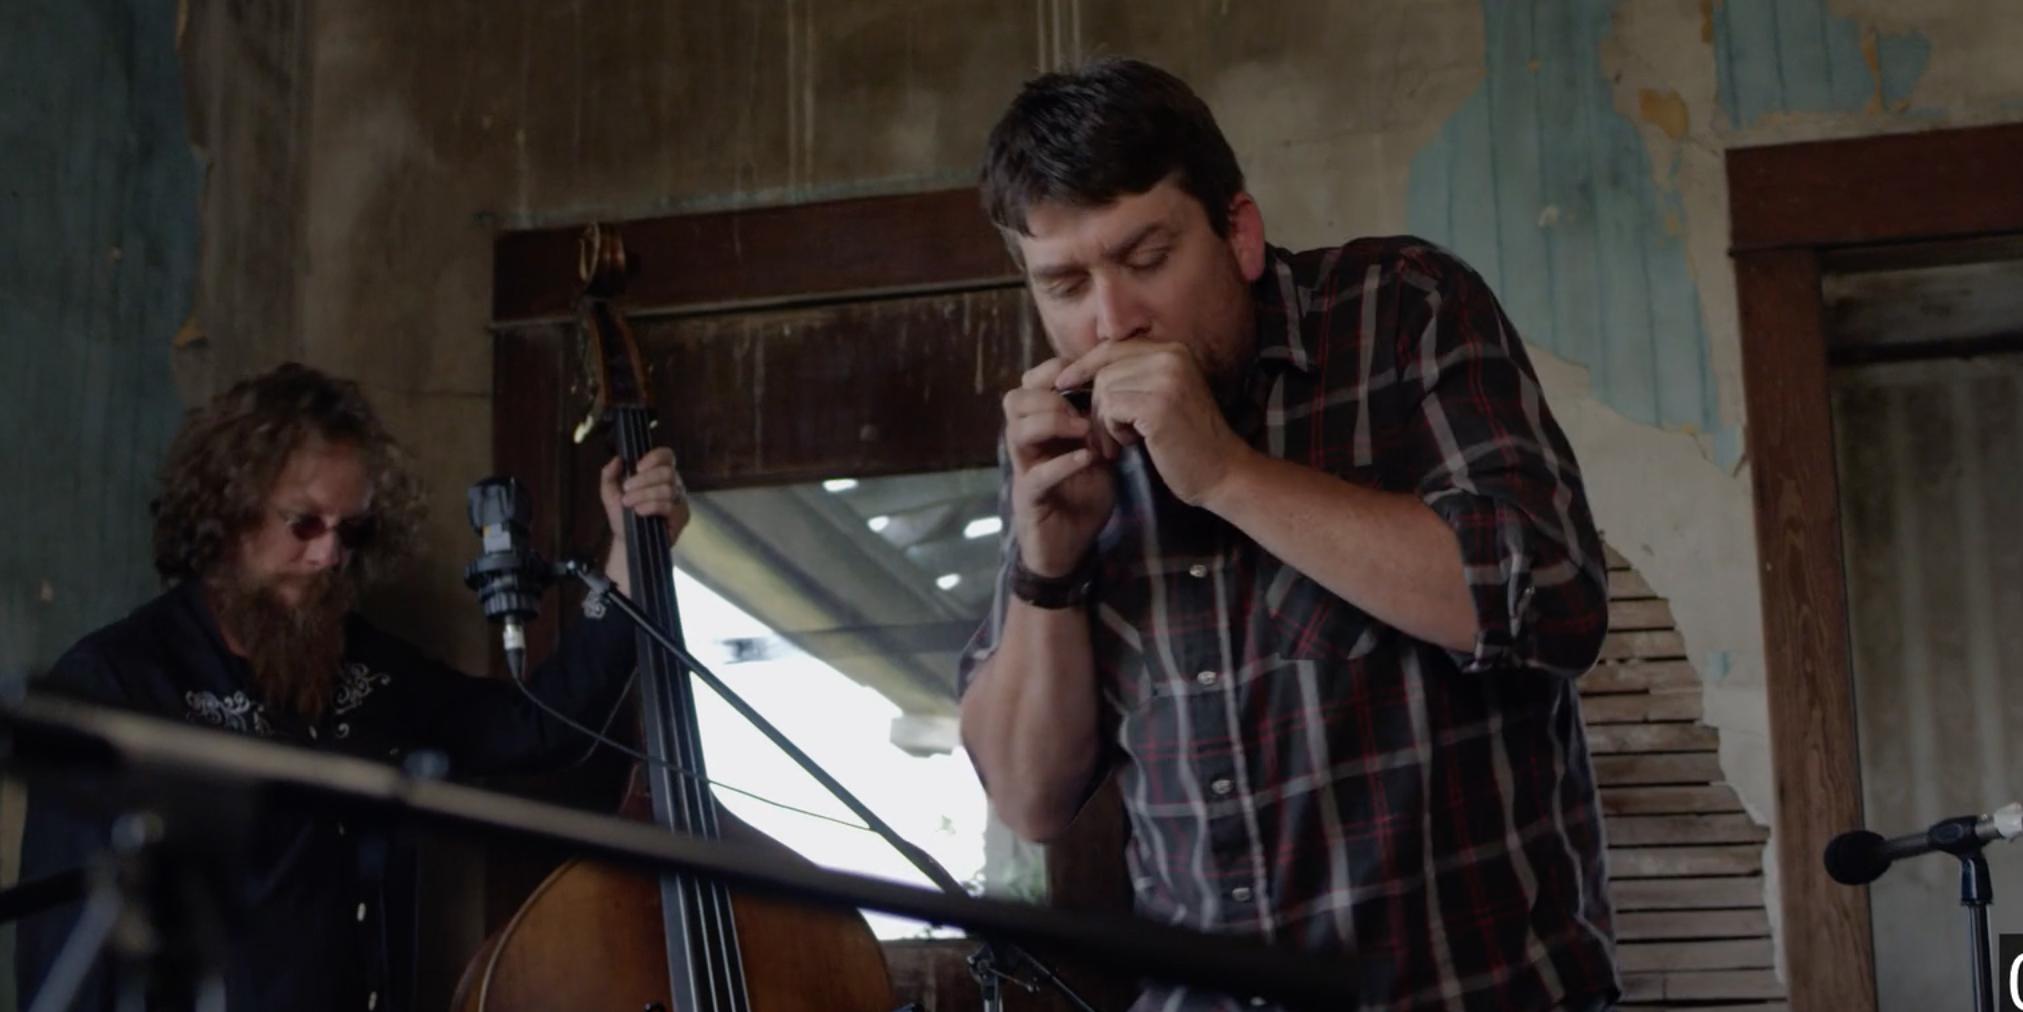 Blake Reid Band | No Roads In Pic24